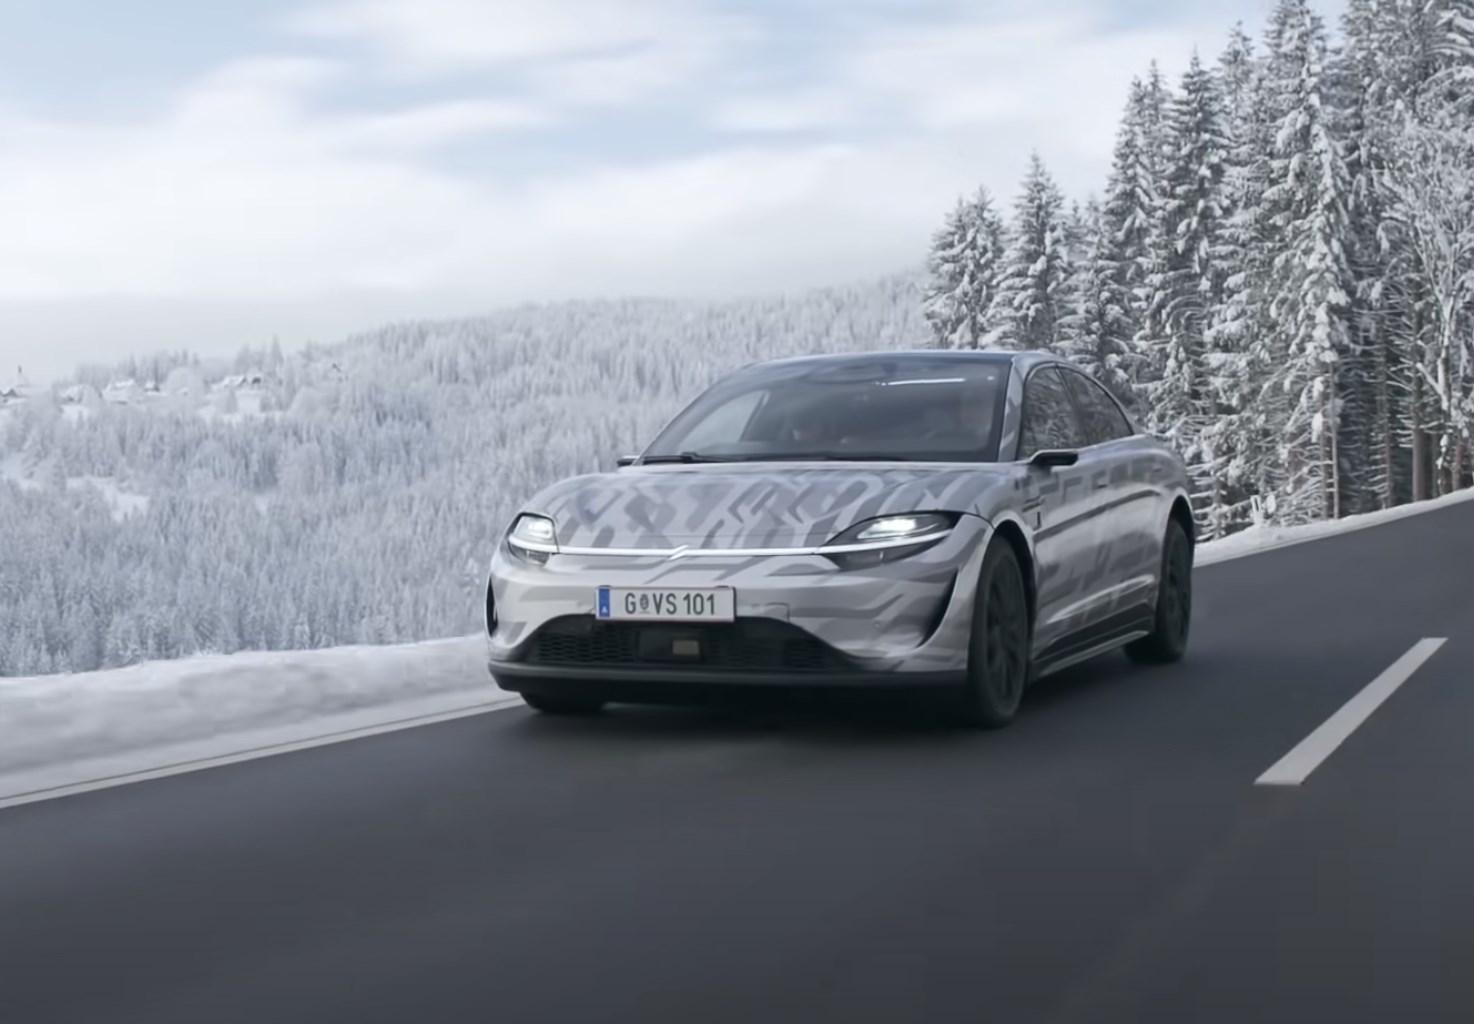 ソニーが開発中の電気自動車「VISION-S」の走行シーン公開。0-100km/hは4.8秒